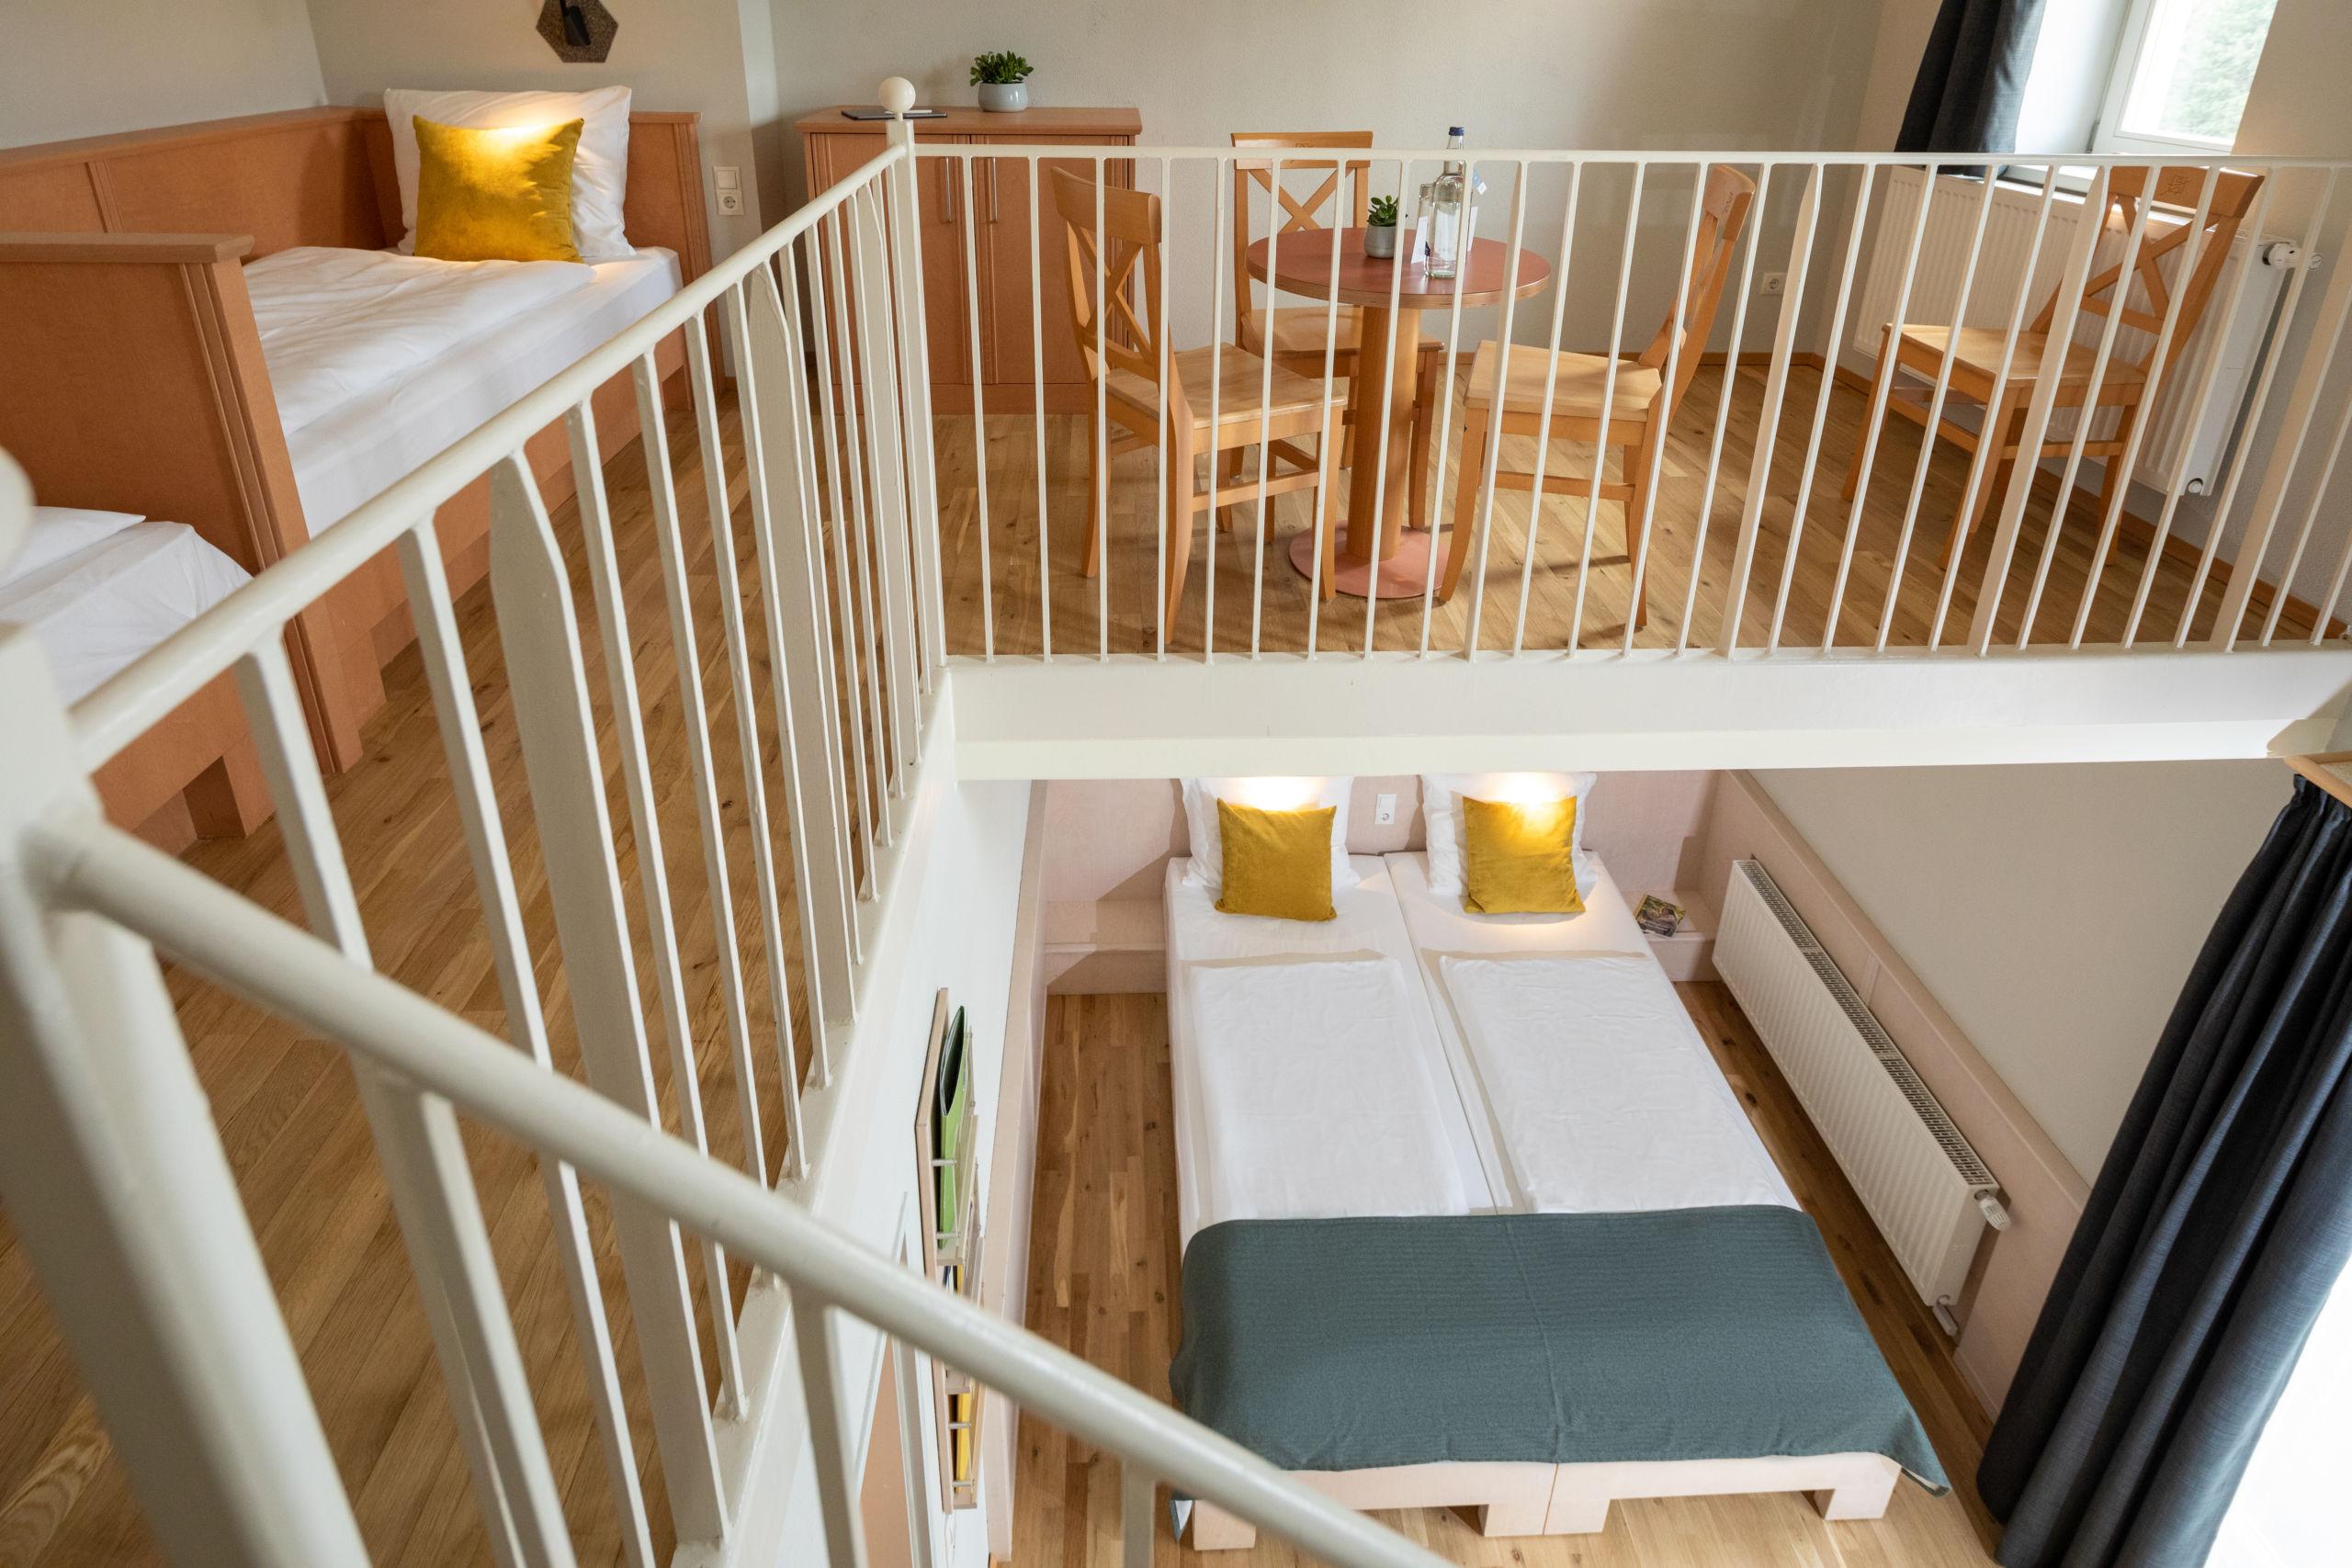 Sie sehen ein Galeriezimmer für Familien im JUFA Kempten. Der Ort für kinderfreundlichen und erlebnisreichen Urlaub für die ganze Familie.